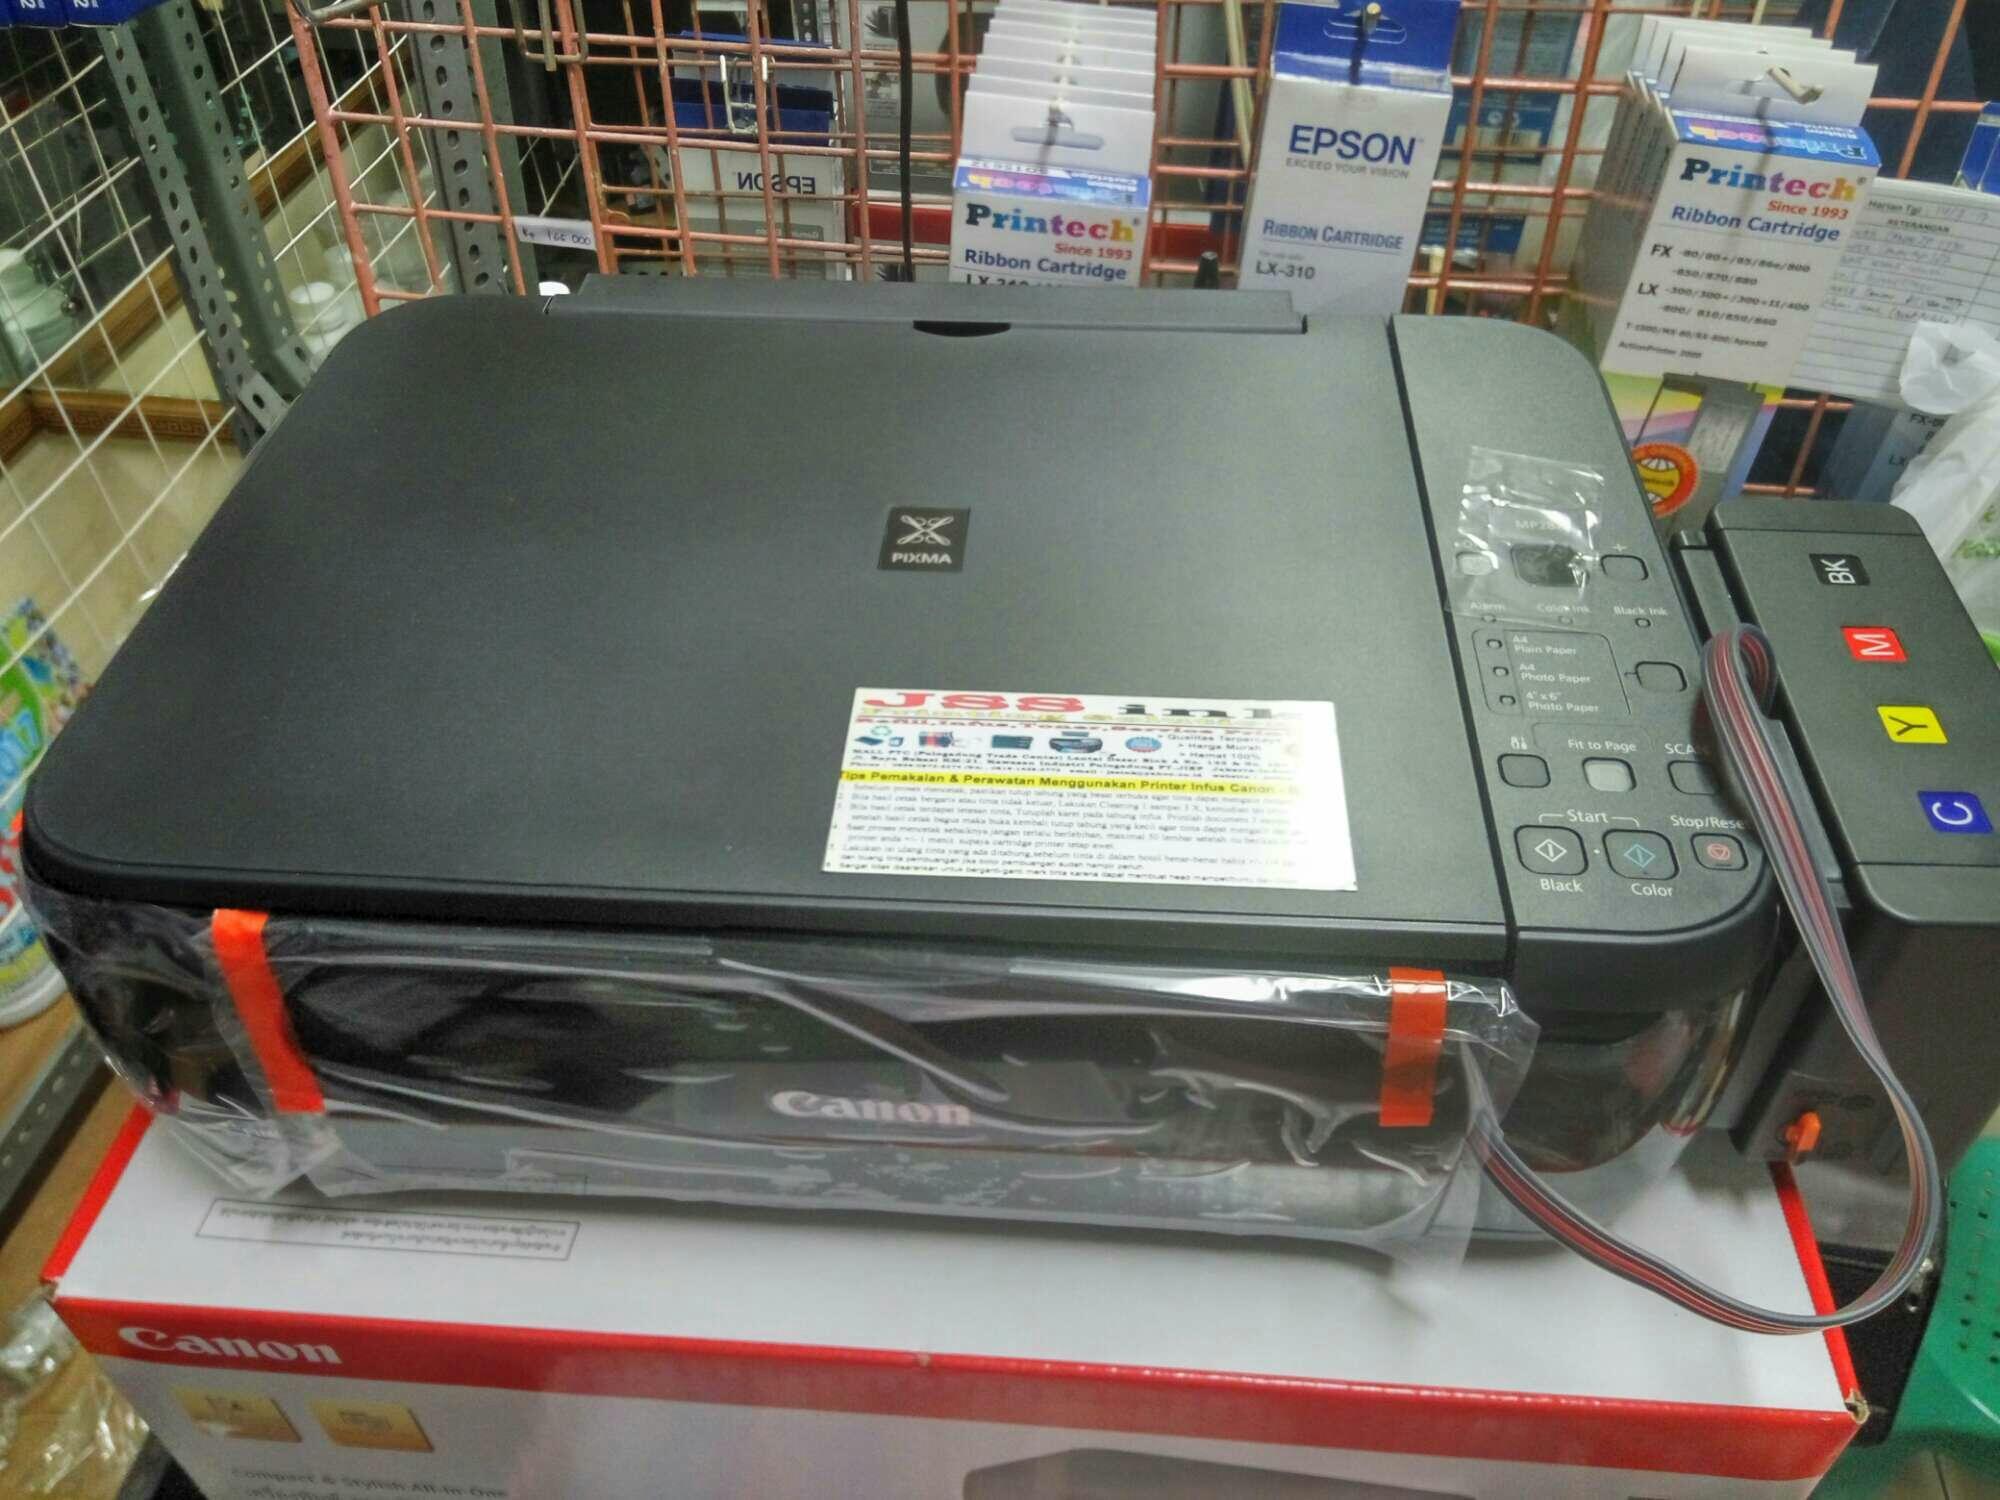 Review Printer Canon Mp 287 Infus Kotak Kunci Dan Harga Terbaru Ink Tank Modif 4 Warna 100ml Tabung Model Sepatu